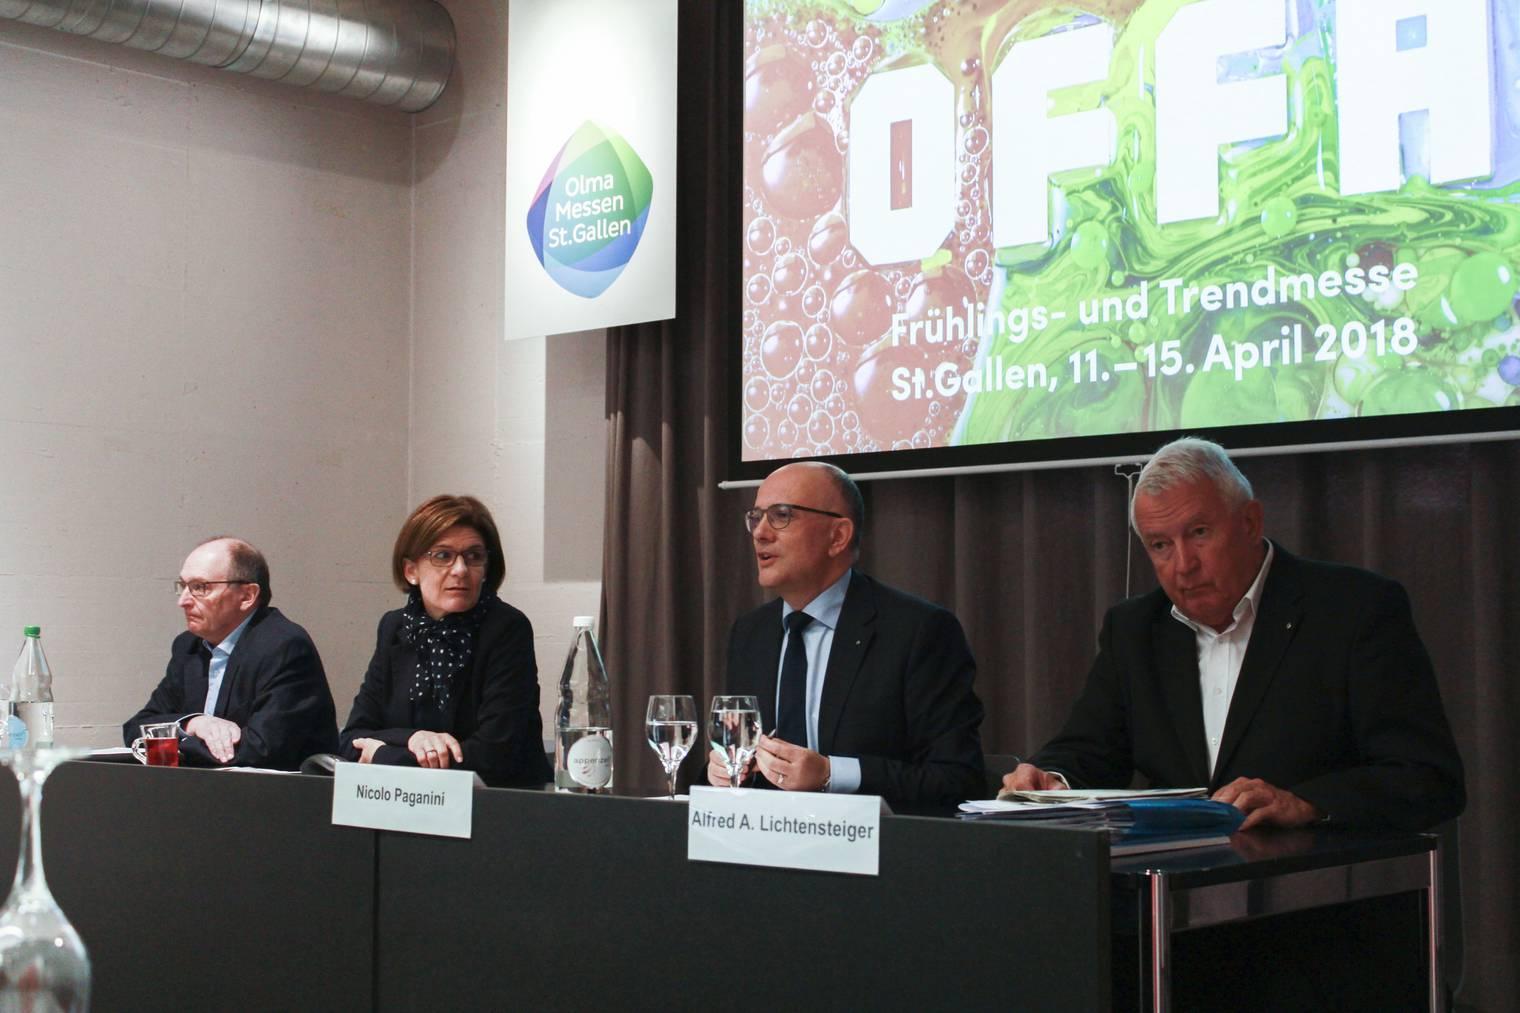 Das bunte OFFA-Plakat soll symbolisch für den Frühling stehen. (Bild: FM1Today/Dario Brazerol)